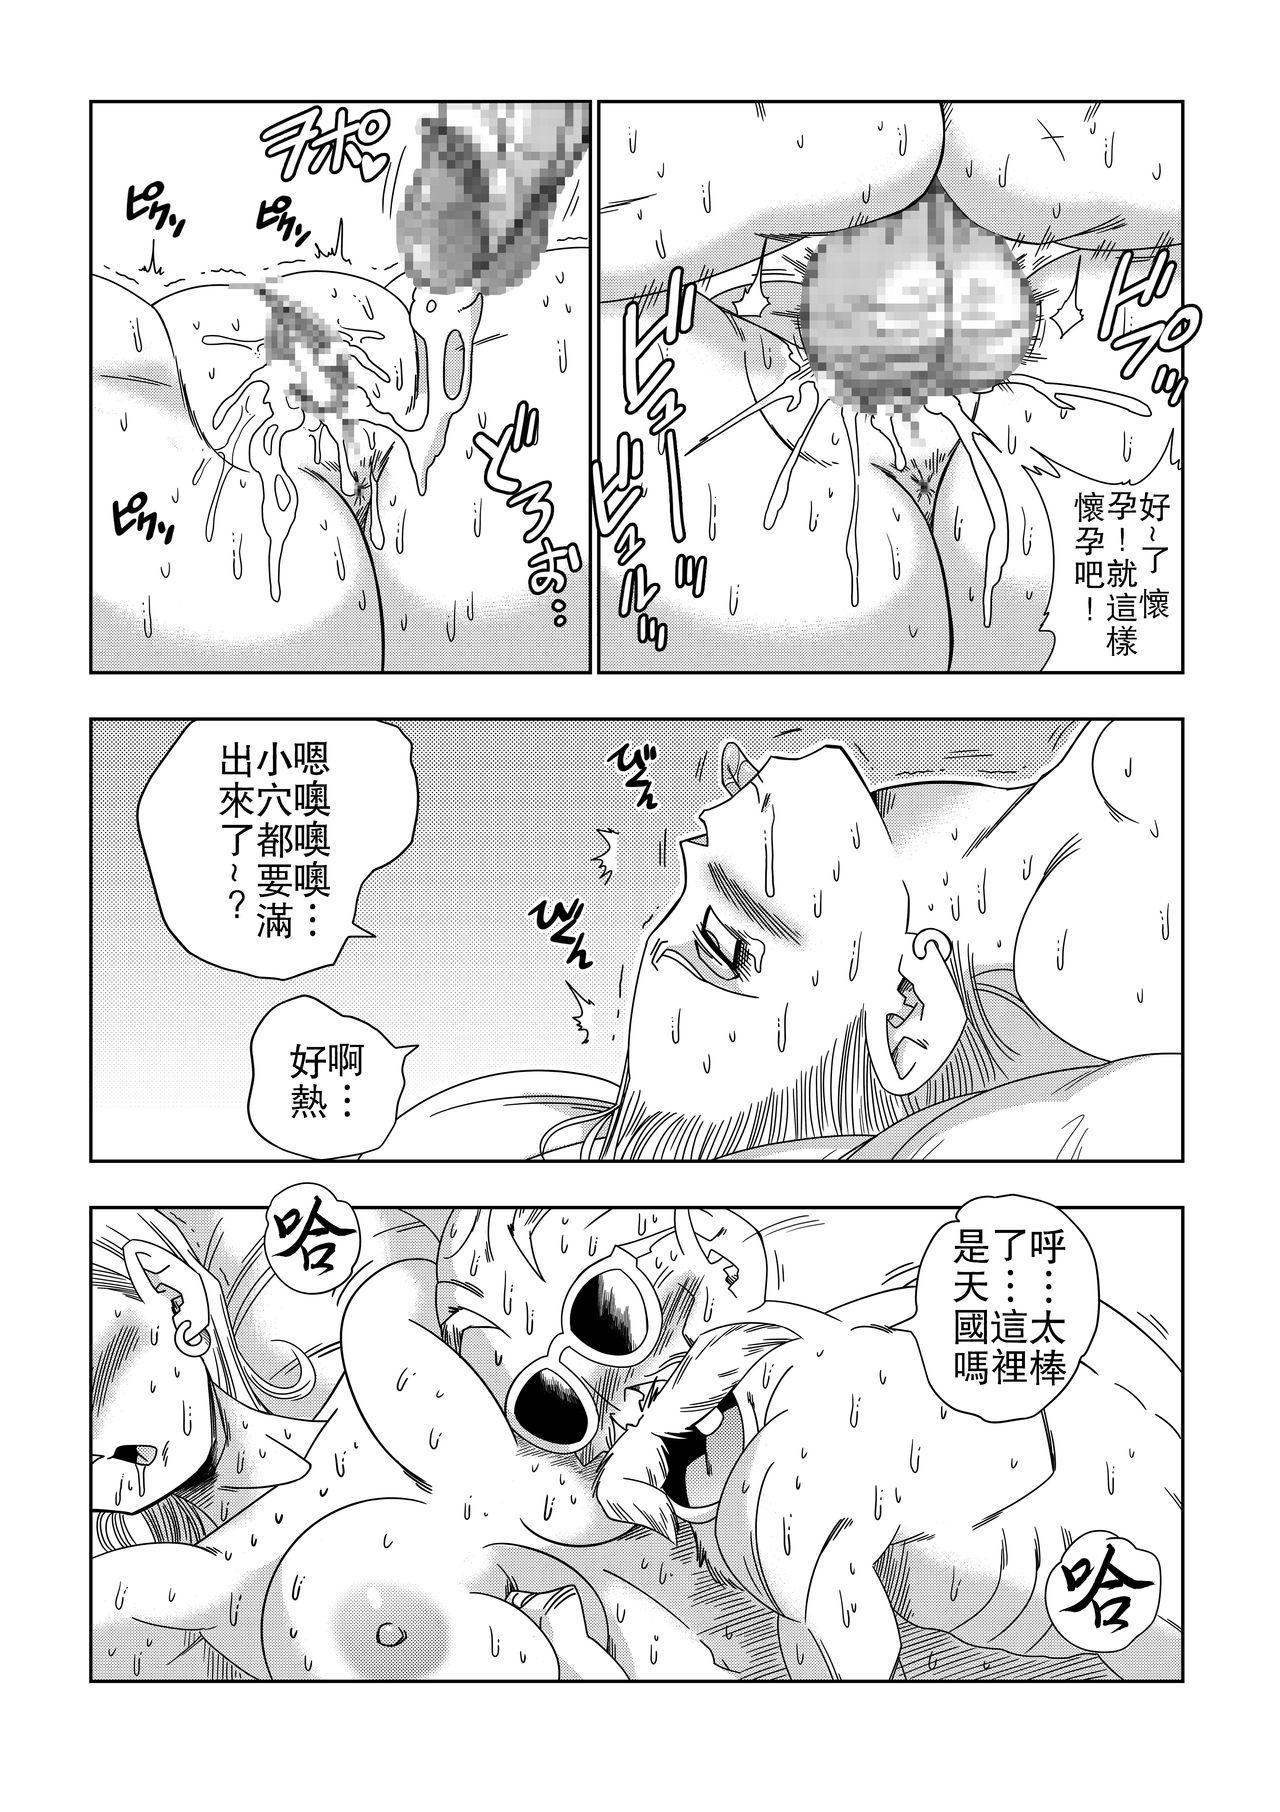 18-gou vs Kame Sennin 20